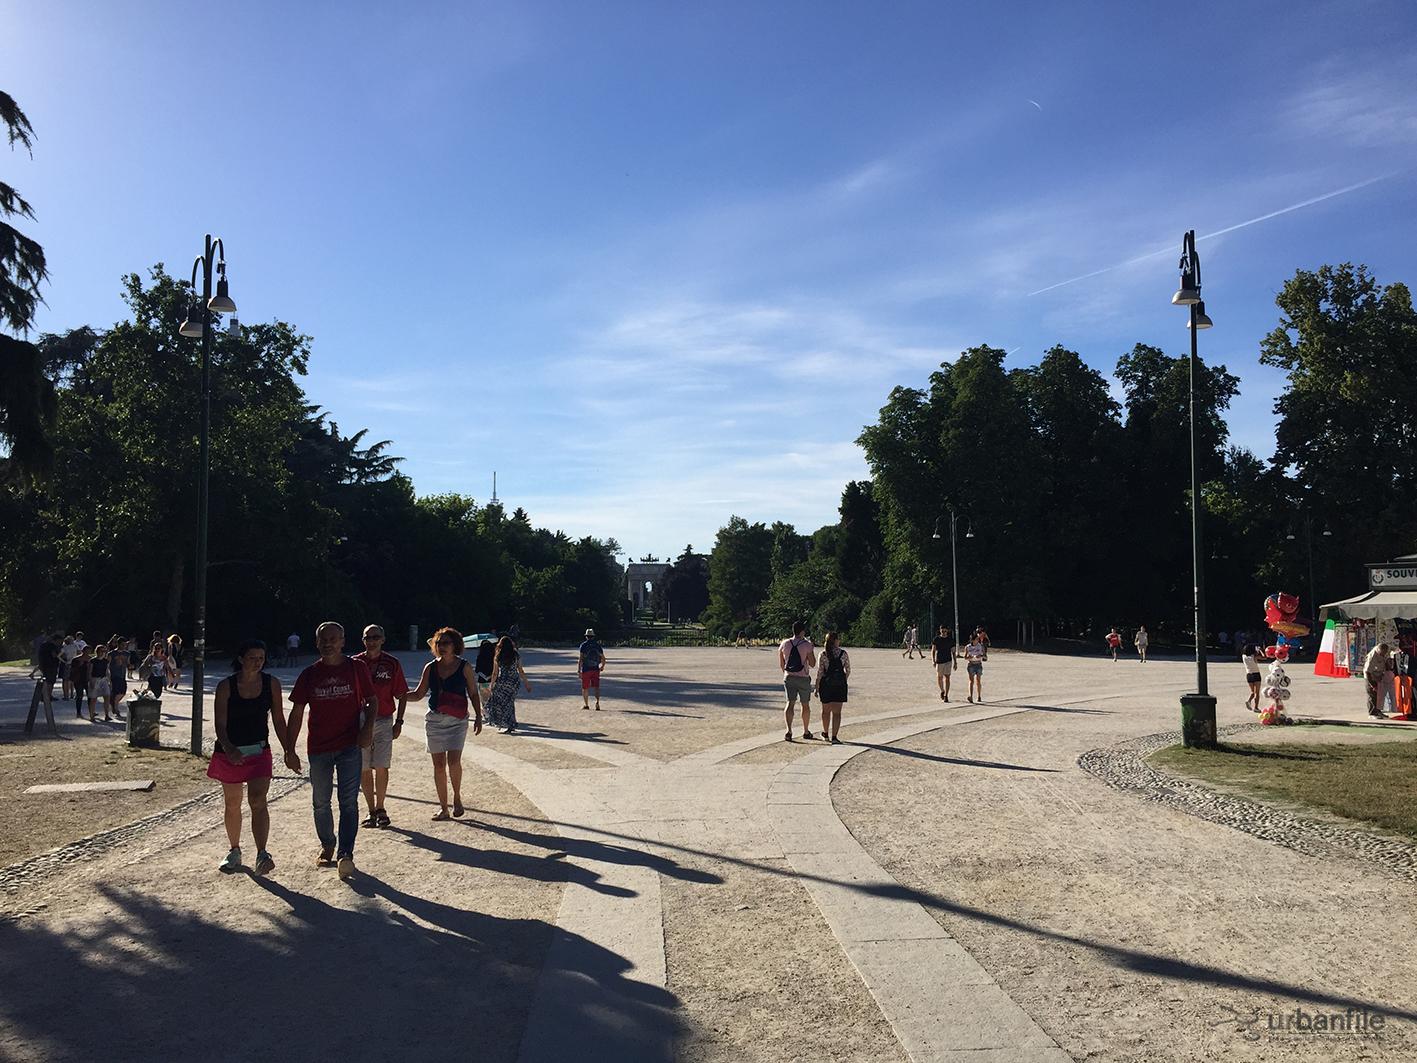 2017 06 17 castello piazza del cannone 1 urbanfile blog for Piazza del cannone